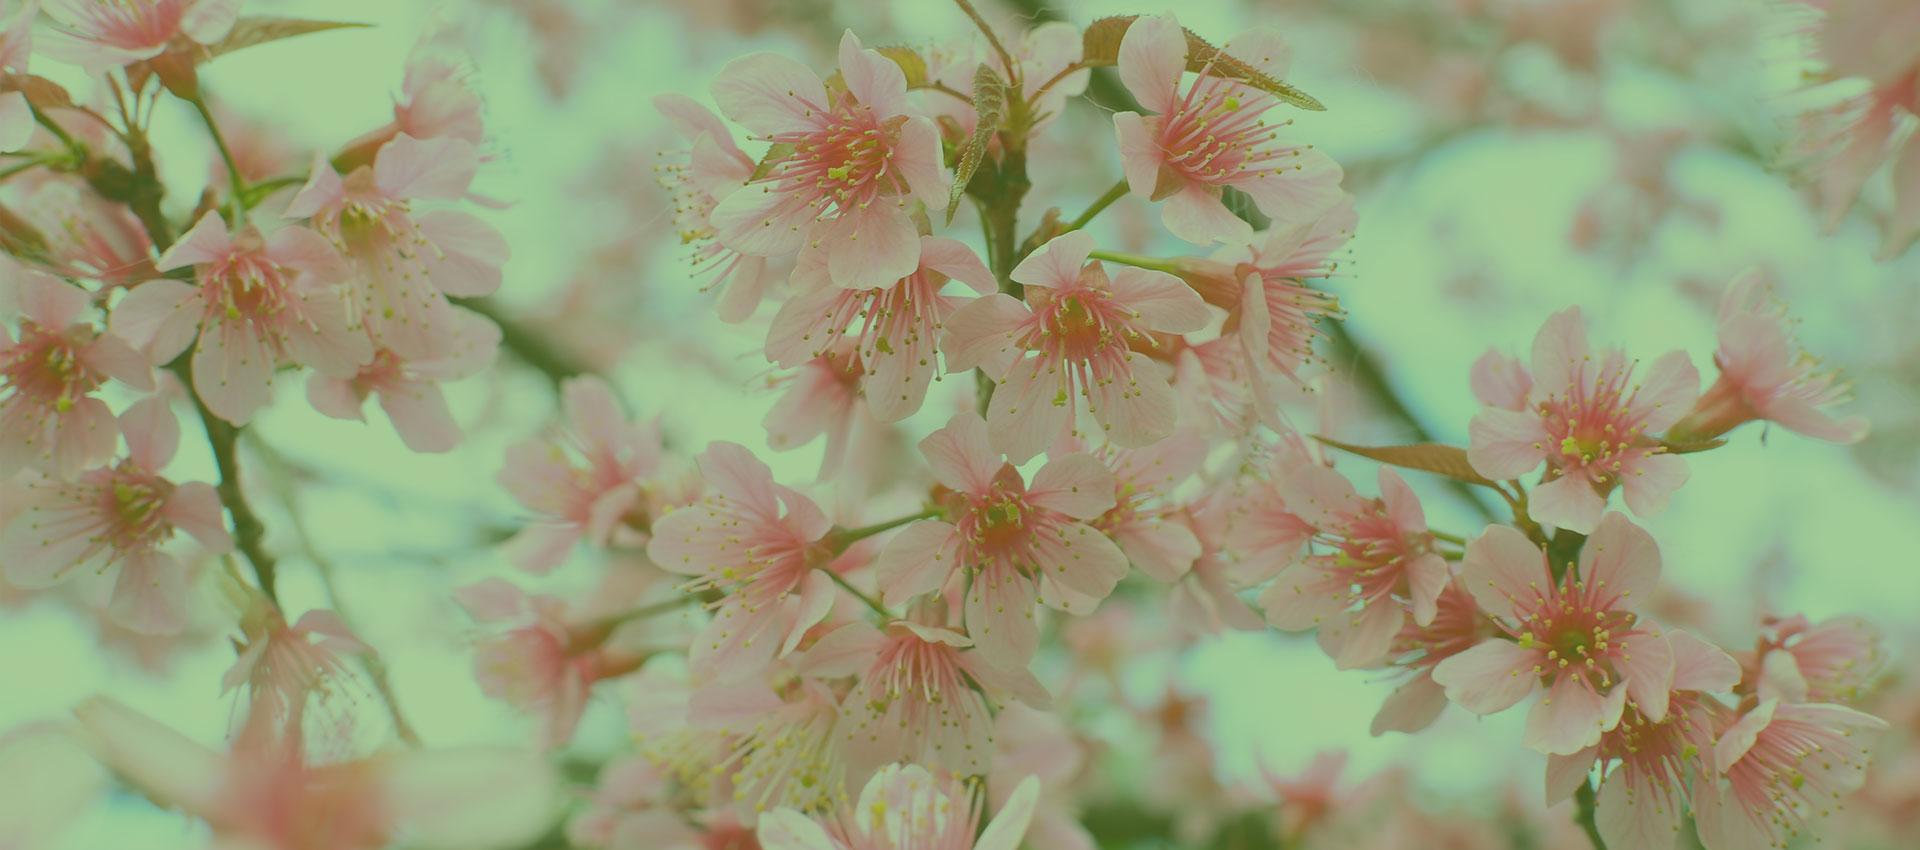 fleursdusud